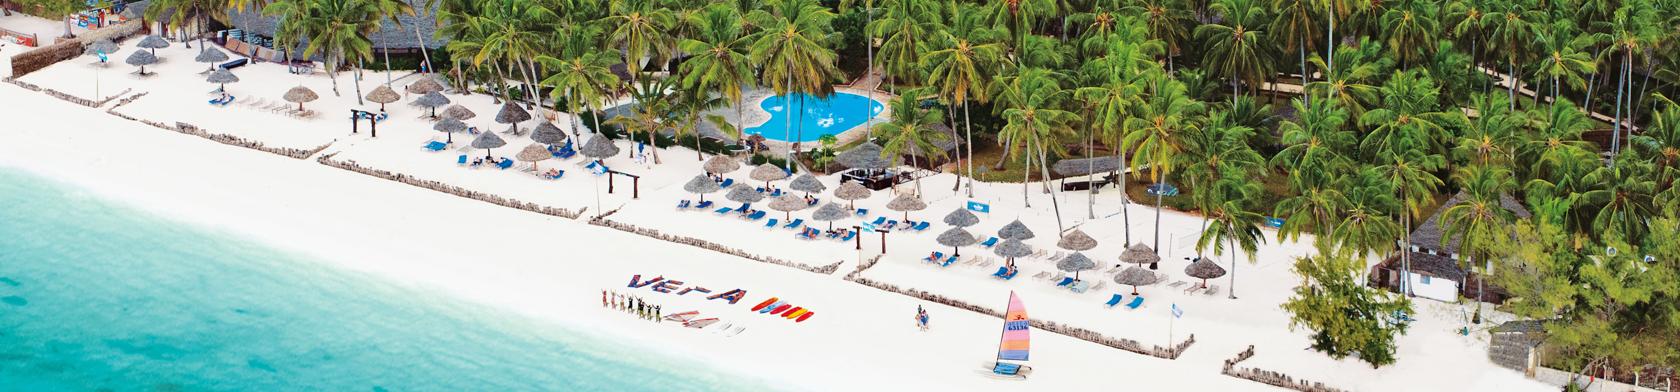 Immagine Zanzibar Villaggi